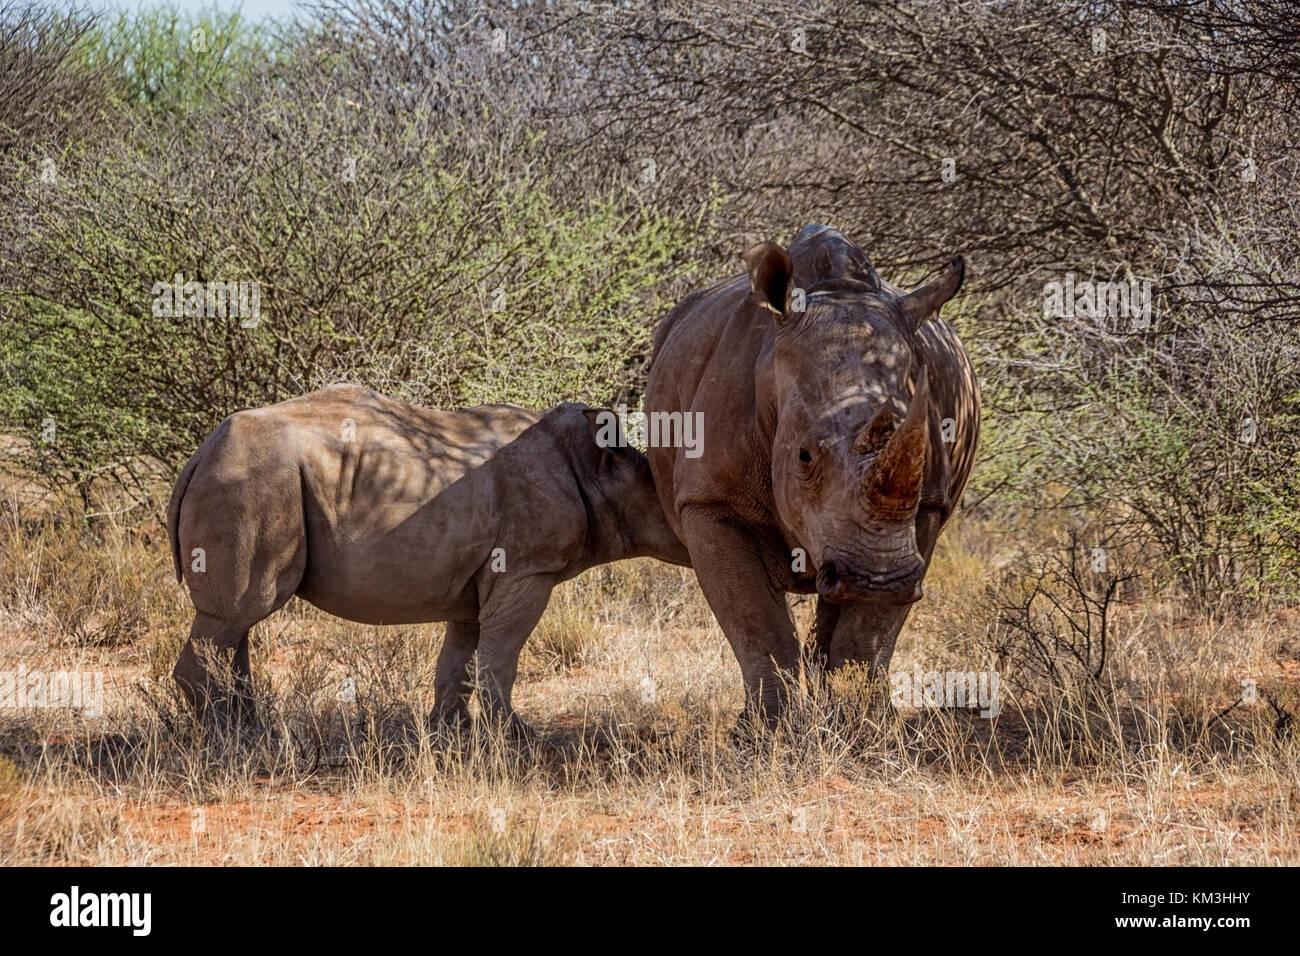 Un rinoceronte bianco madre e vitello nel sud della savana africana Immagini Stock